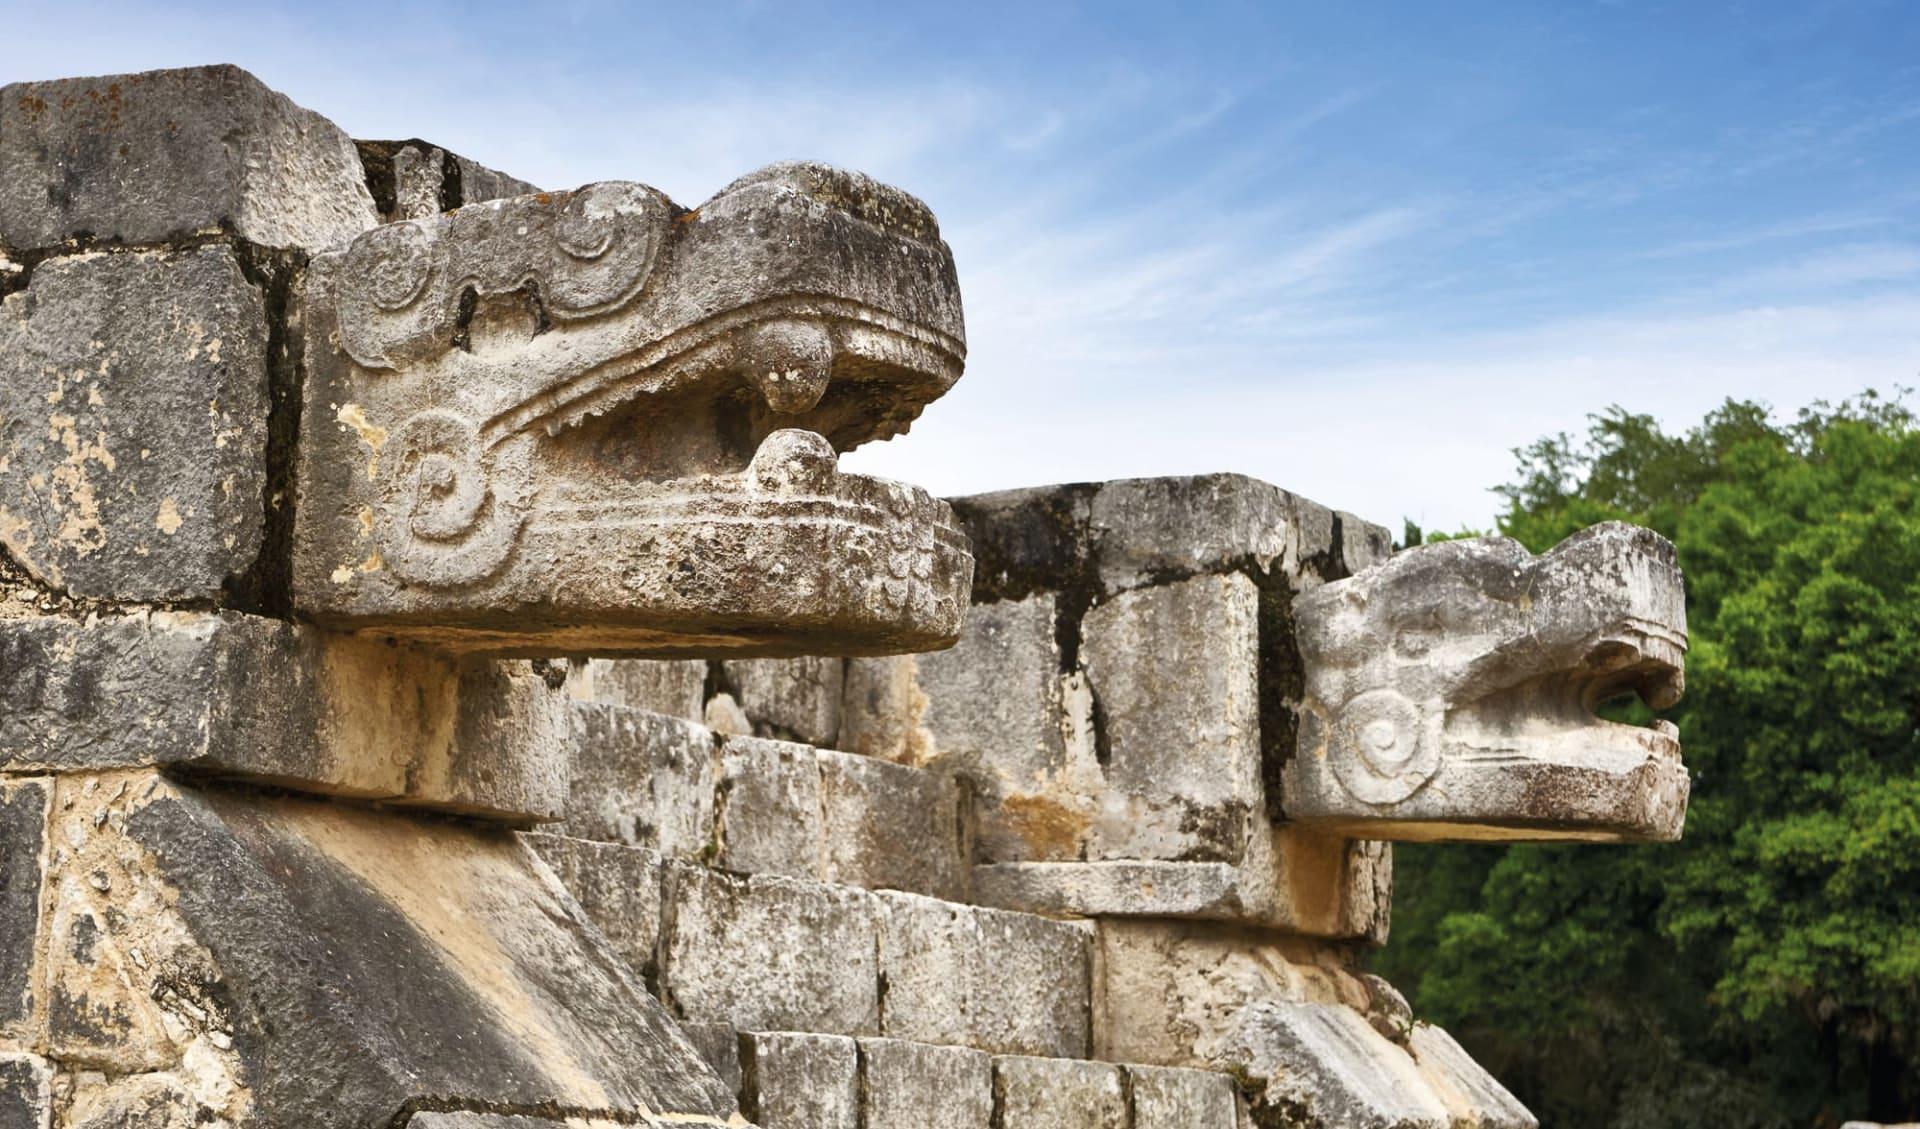 Traditionelles Mexico ab Mexico City: Mexico - Yucatan - Chichen Itza Maya Ruinen